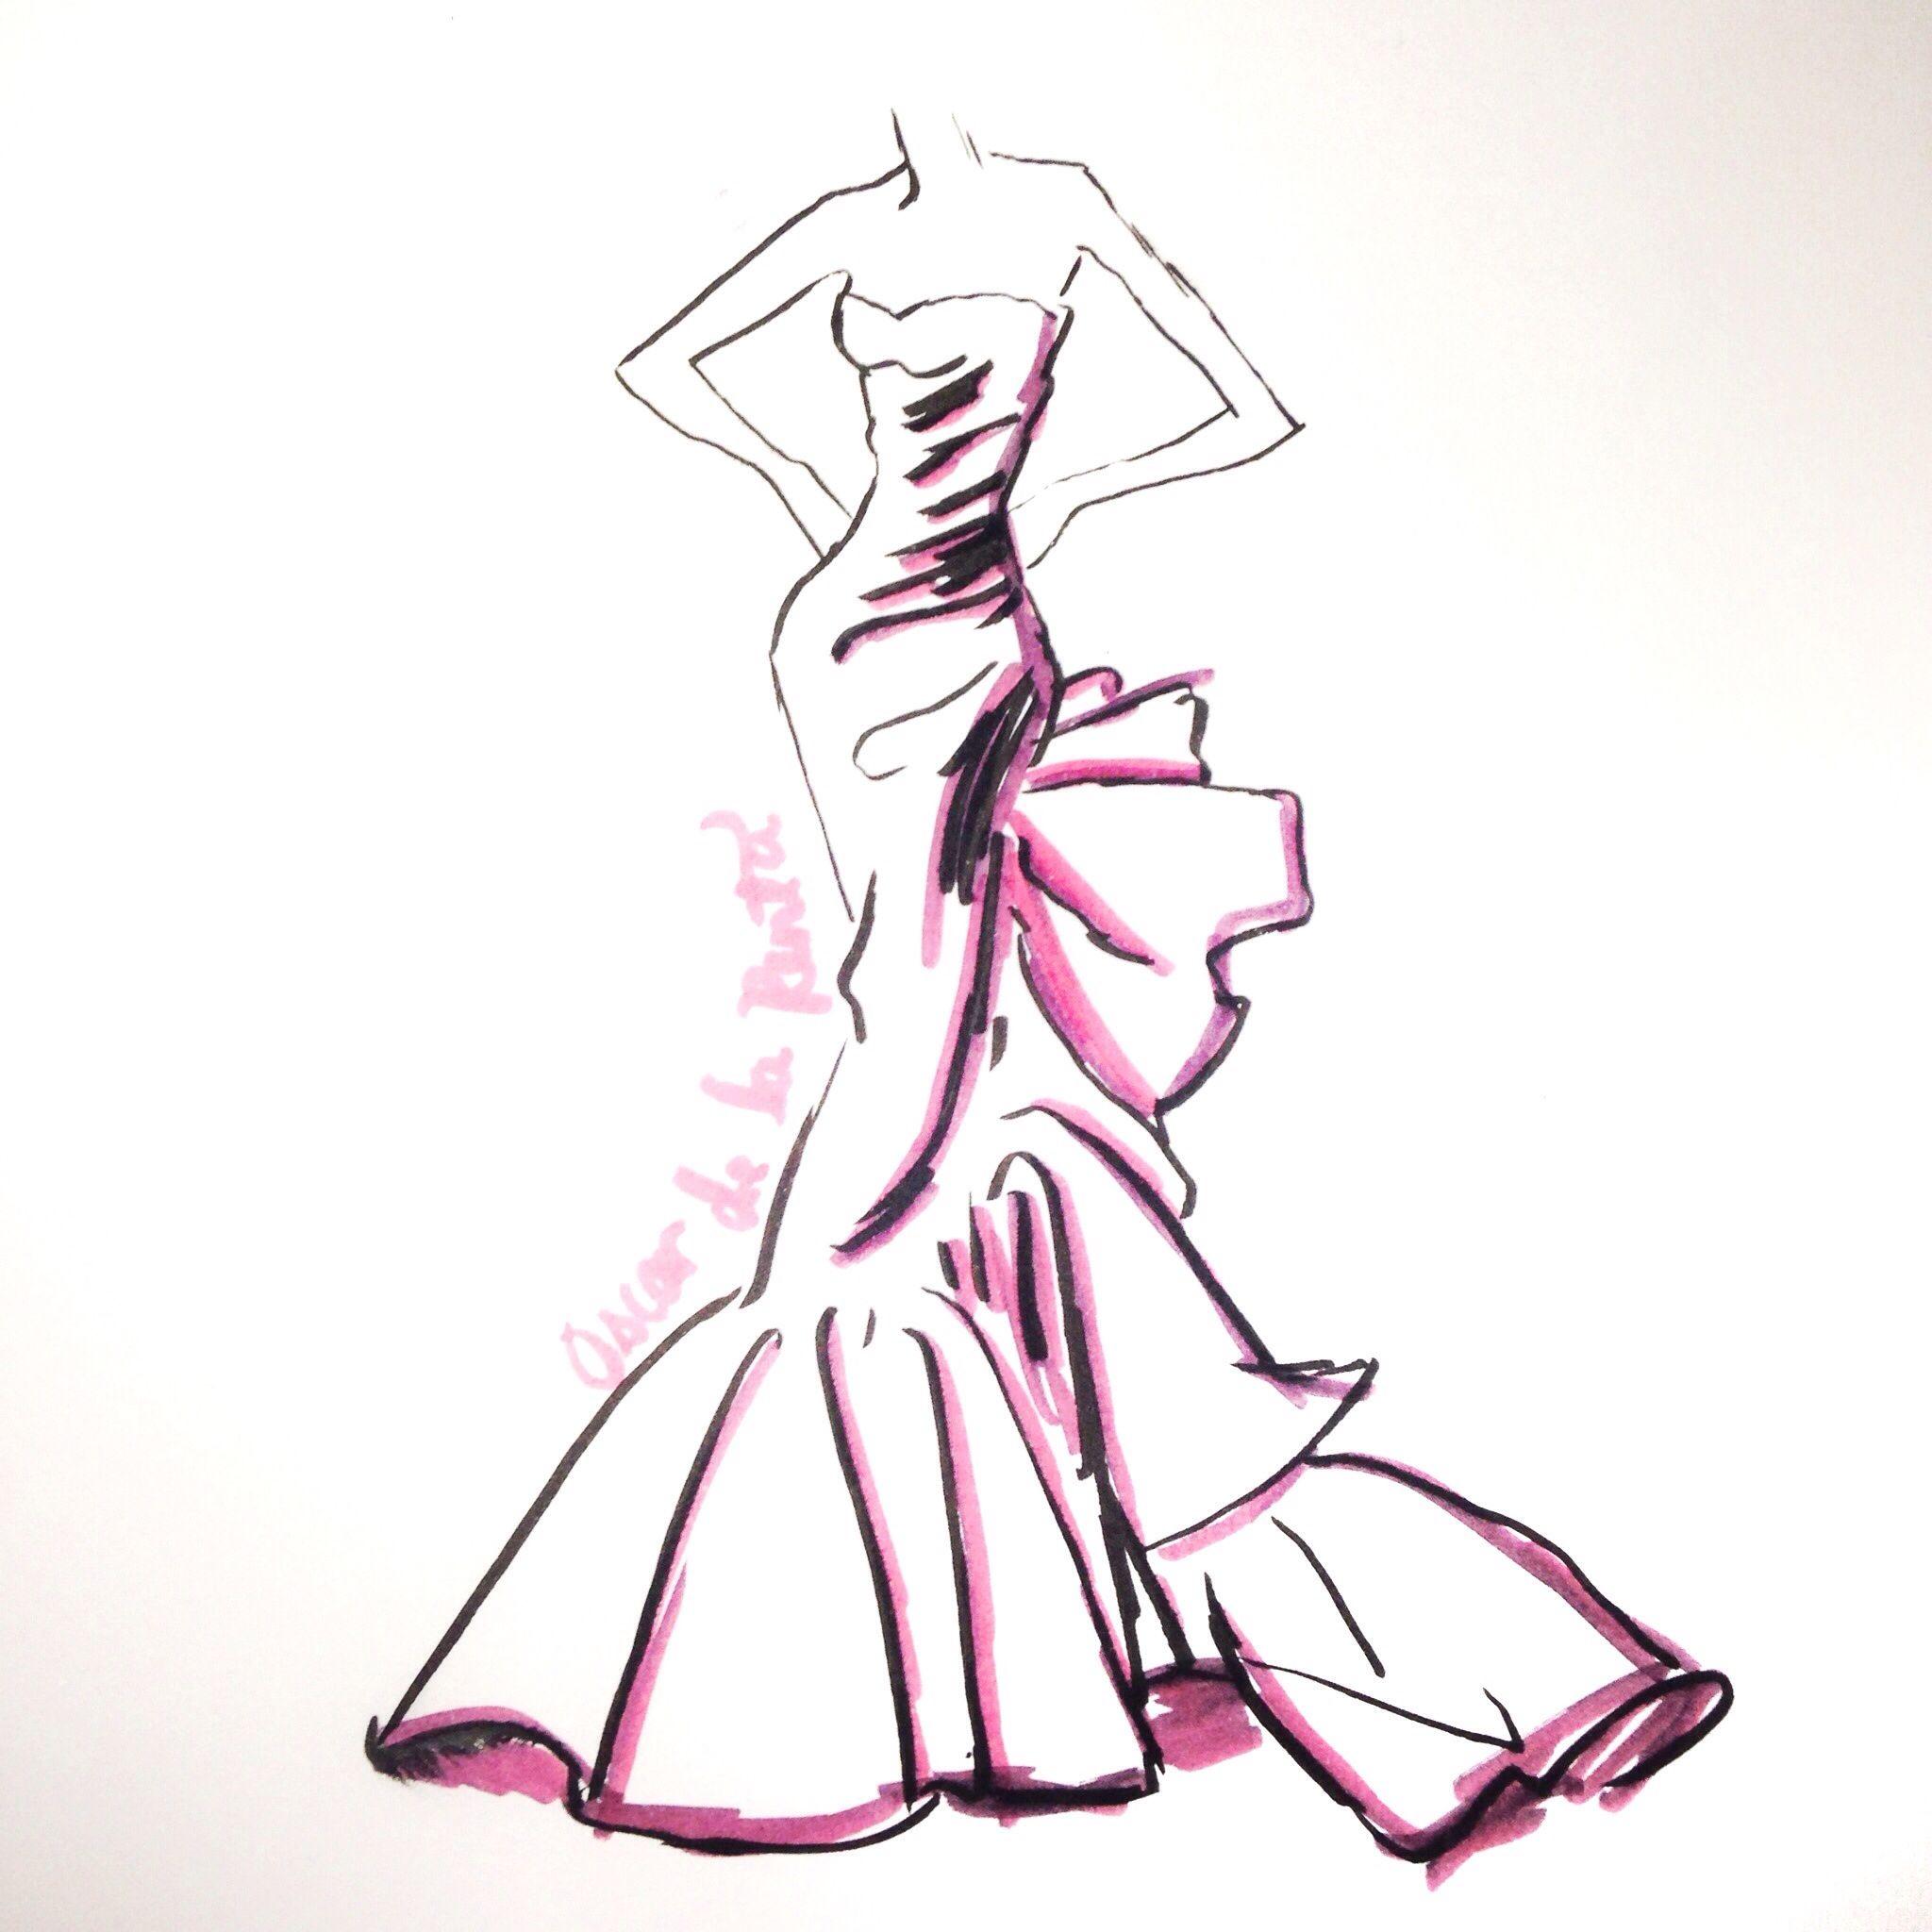 Brush Pen Fashion Illustration In Honor Of Oscar De La Renta Copied His Sketch Fashionillustration Doodl Pen Fashion Fashion Sketches Fashion Illustration